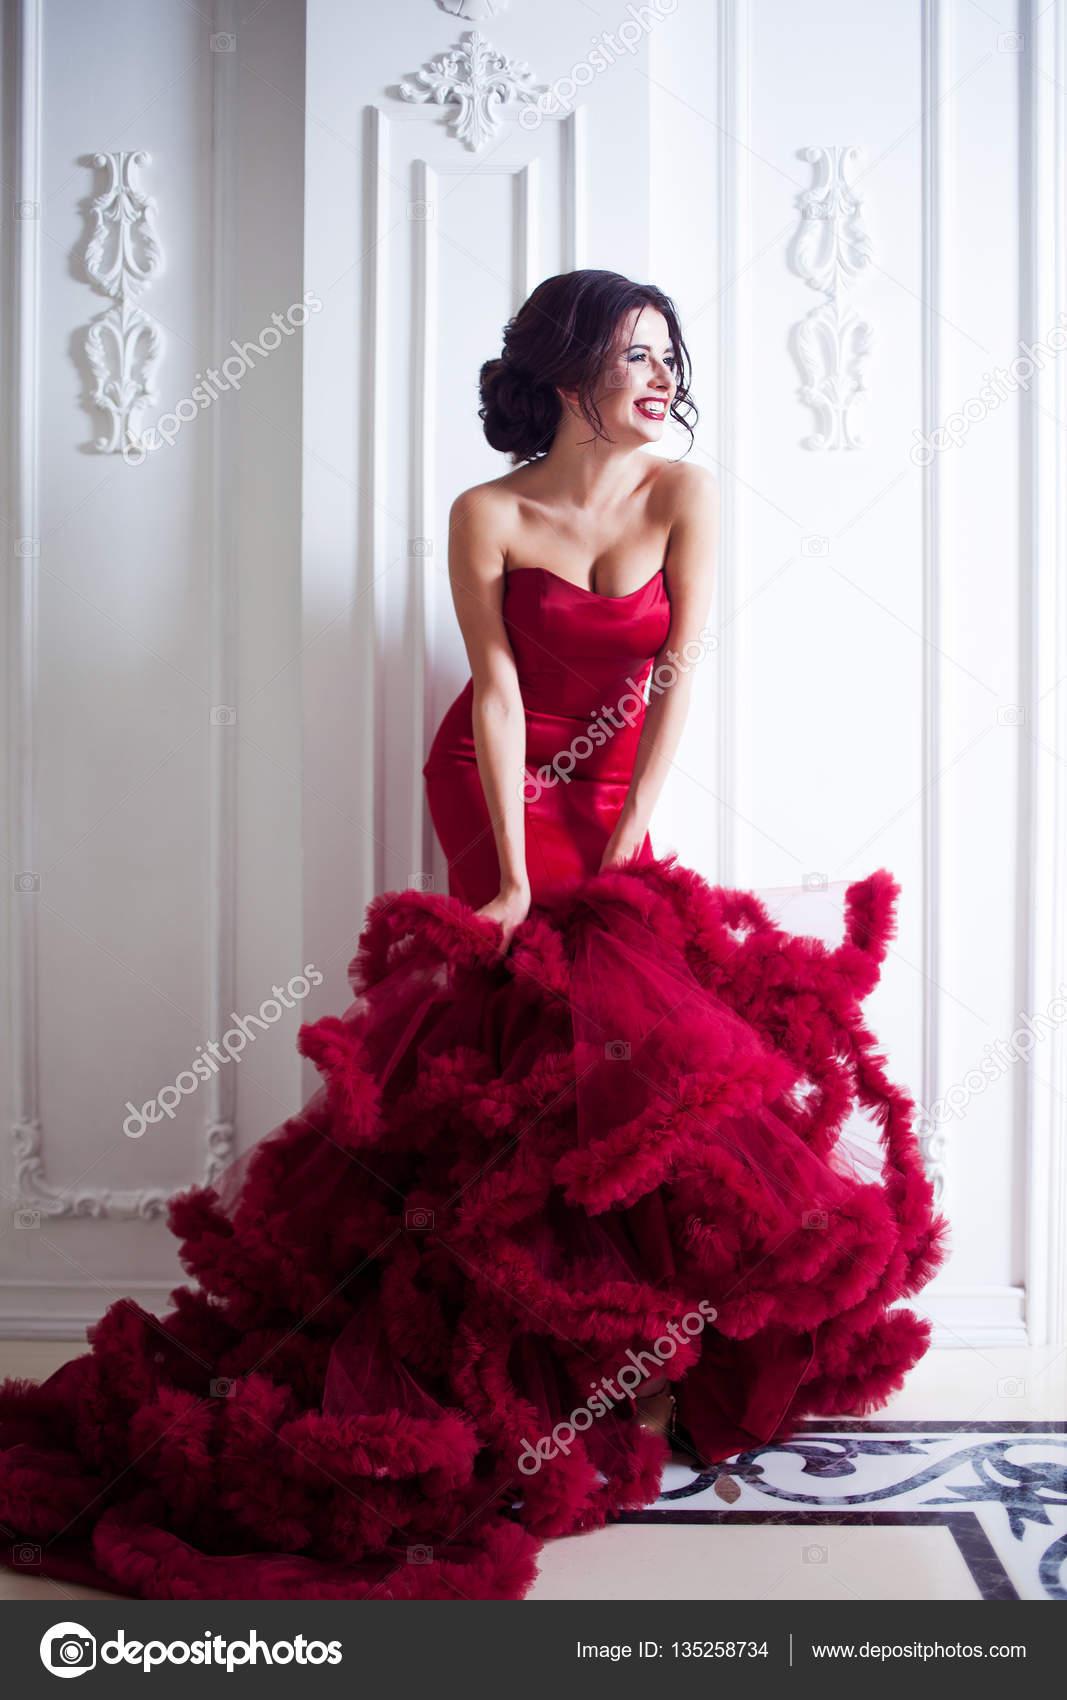 Piel Morena Con Vestido Rojo Vestido De Mujer Belleza